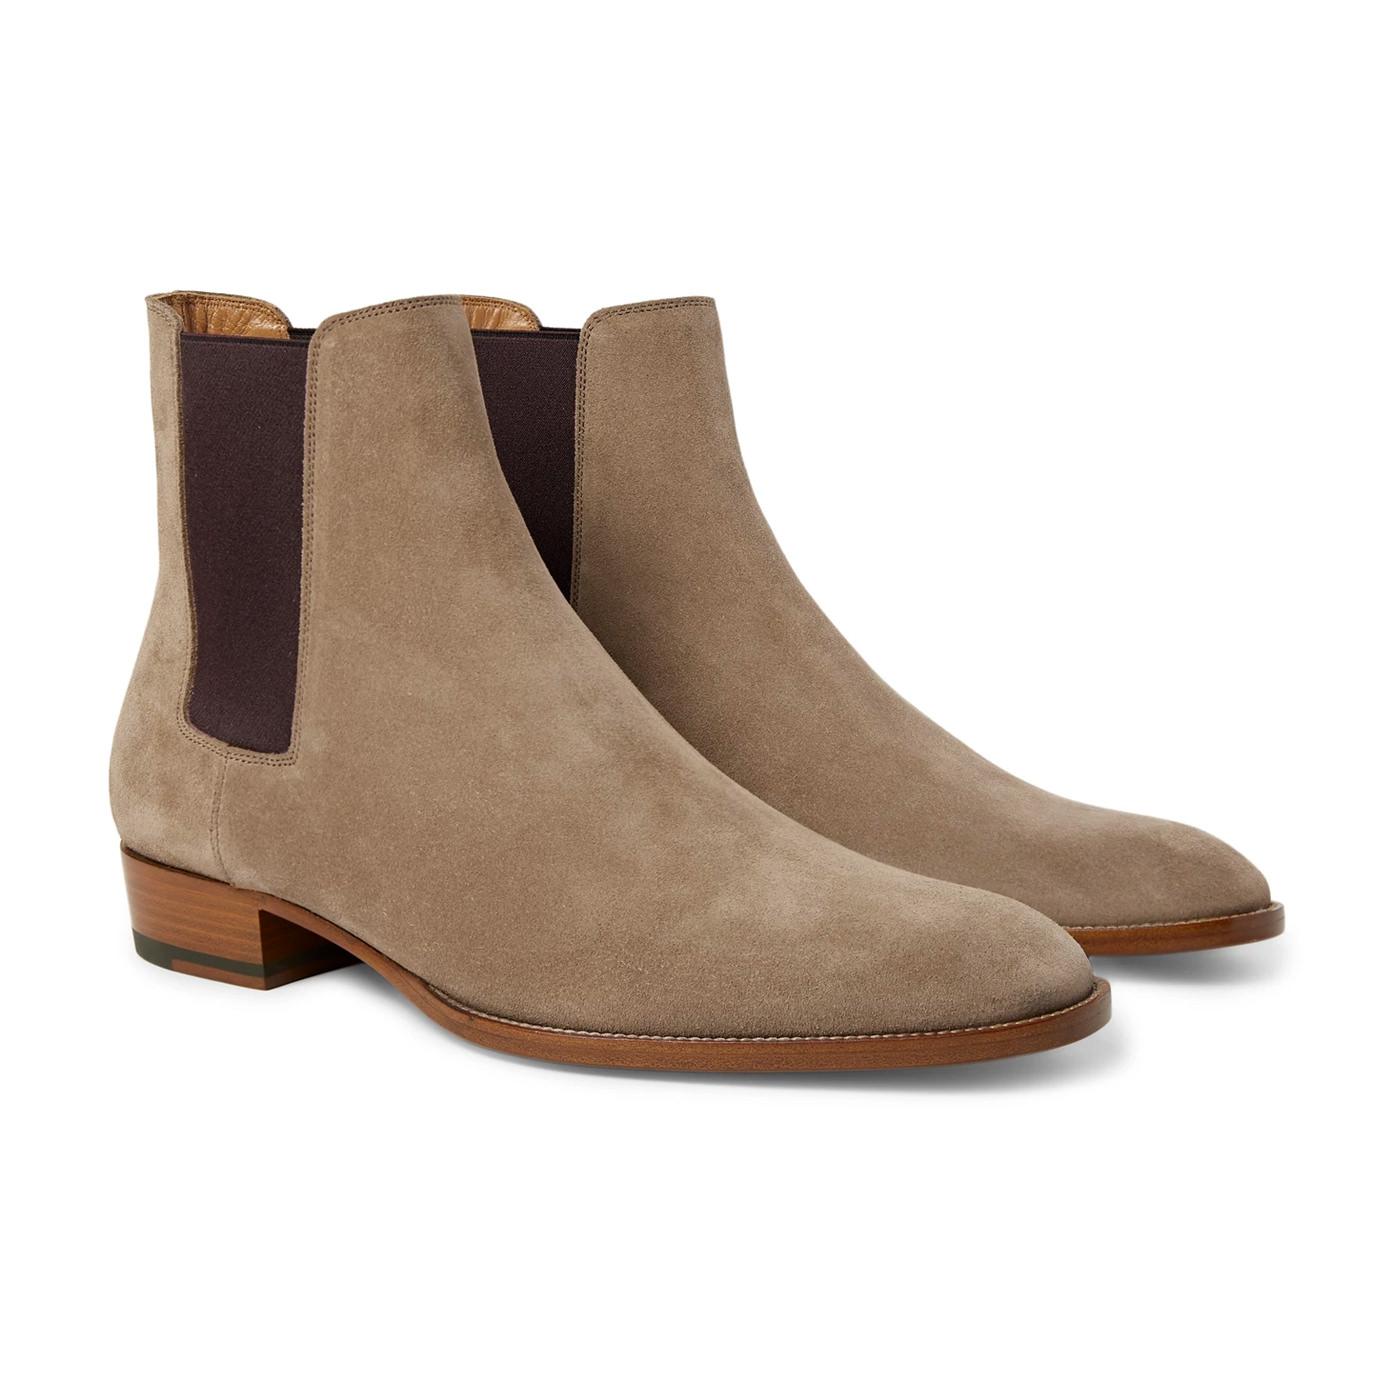 Style Mr Porter Boots Saint Laurent Daim